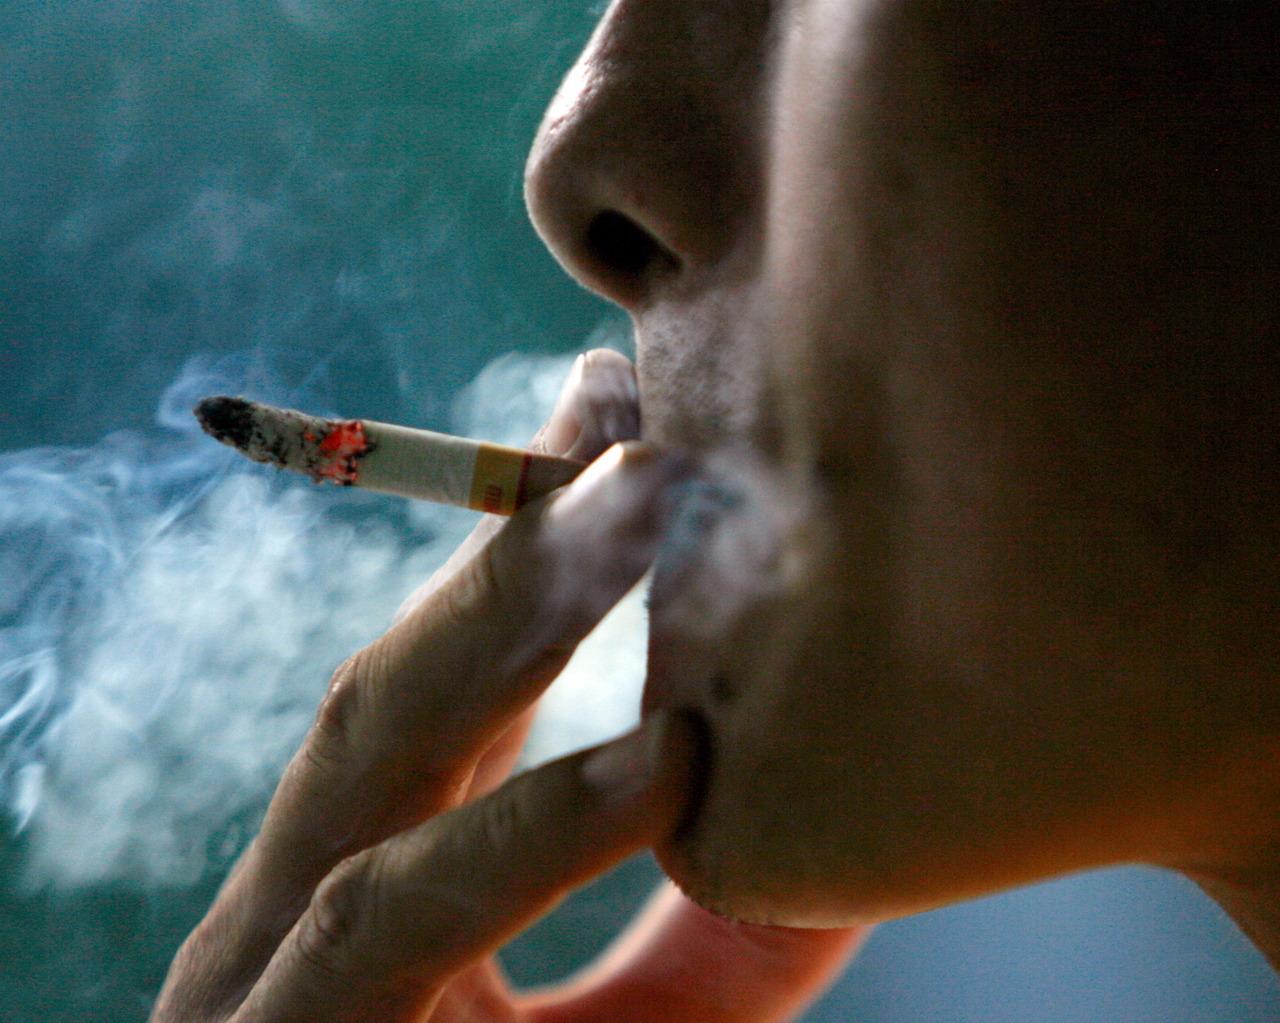 нас картинки когда человек курит необходимо сделать для